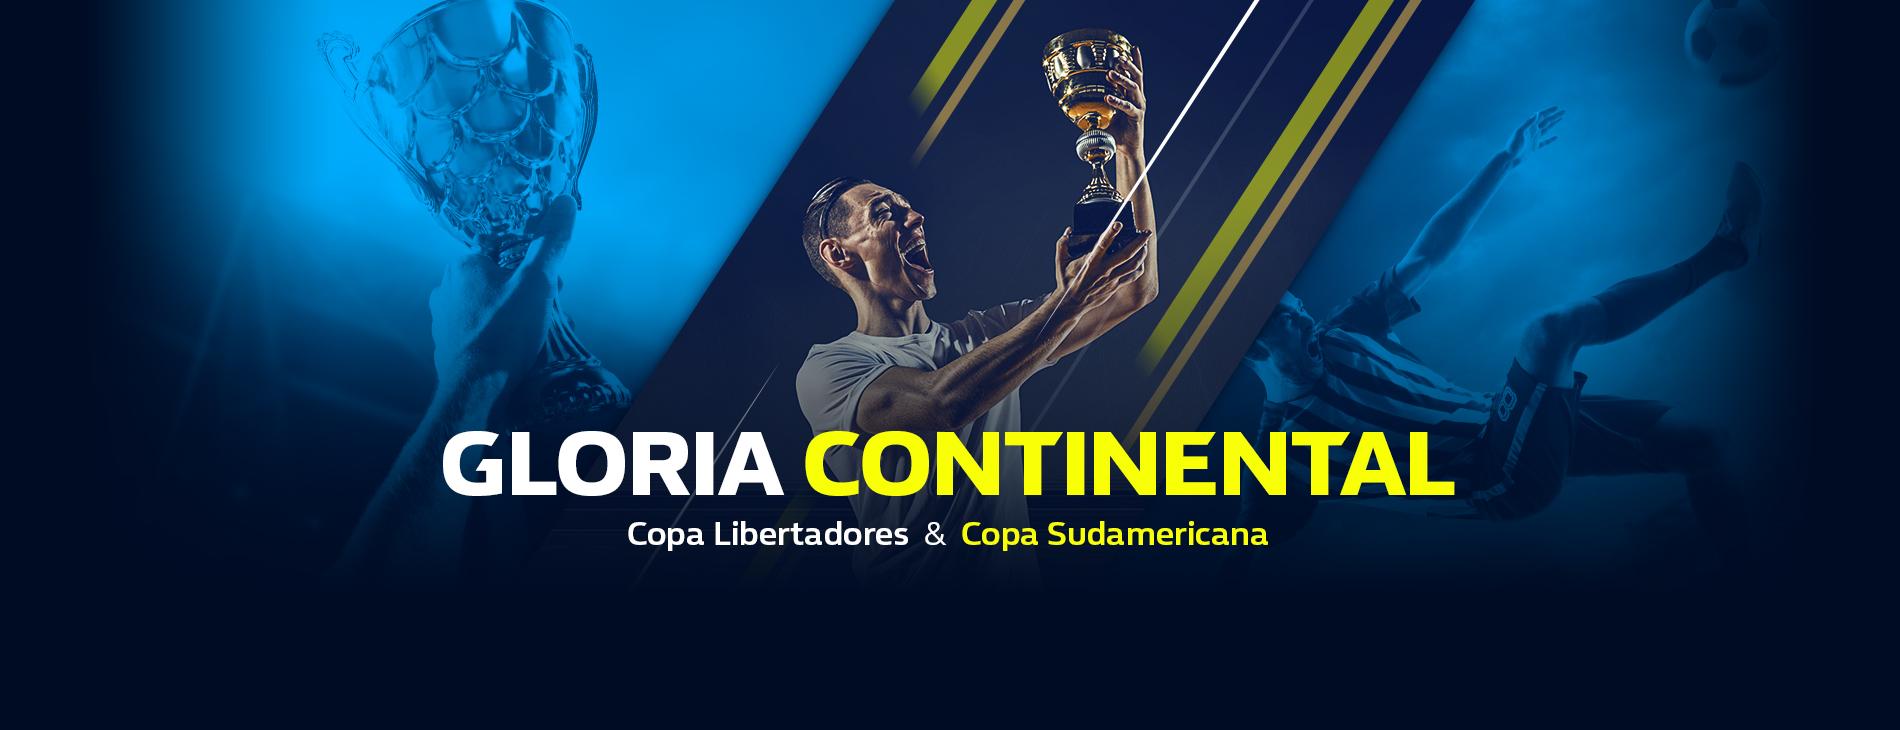 home_Copa-libertadores-copa-sudamericana_full